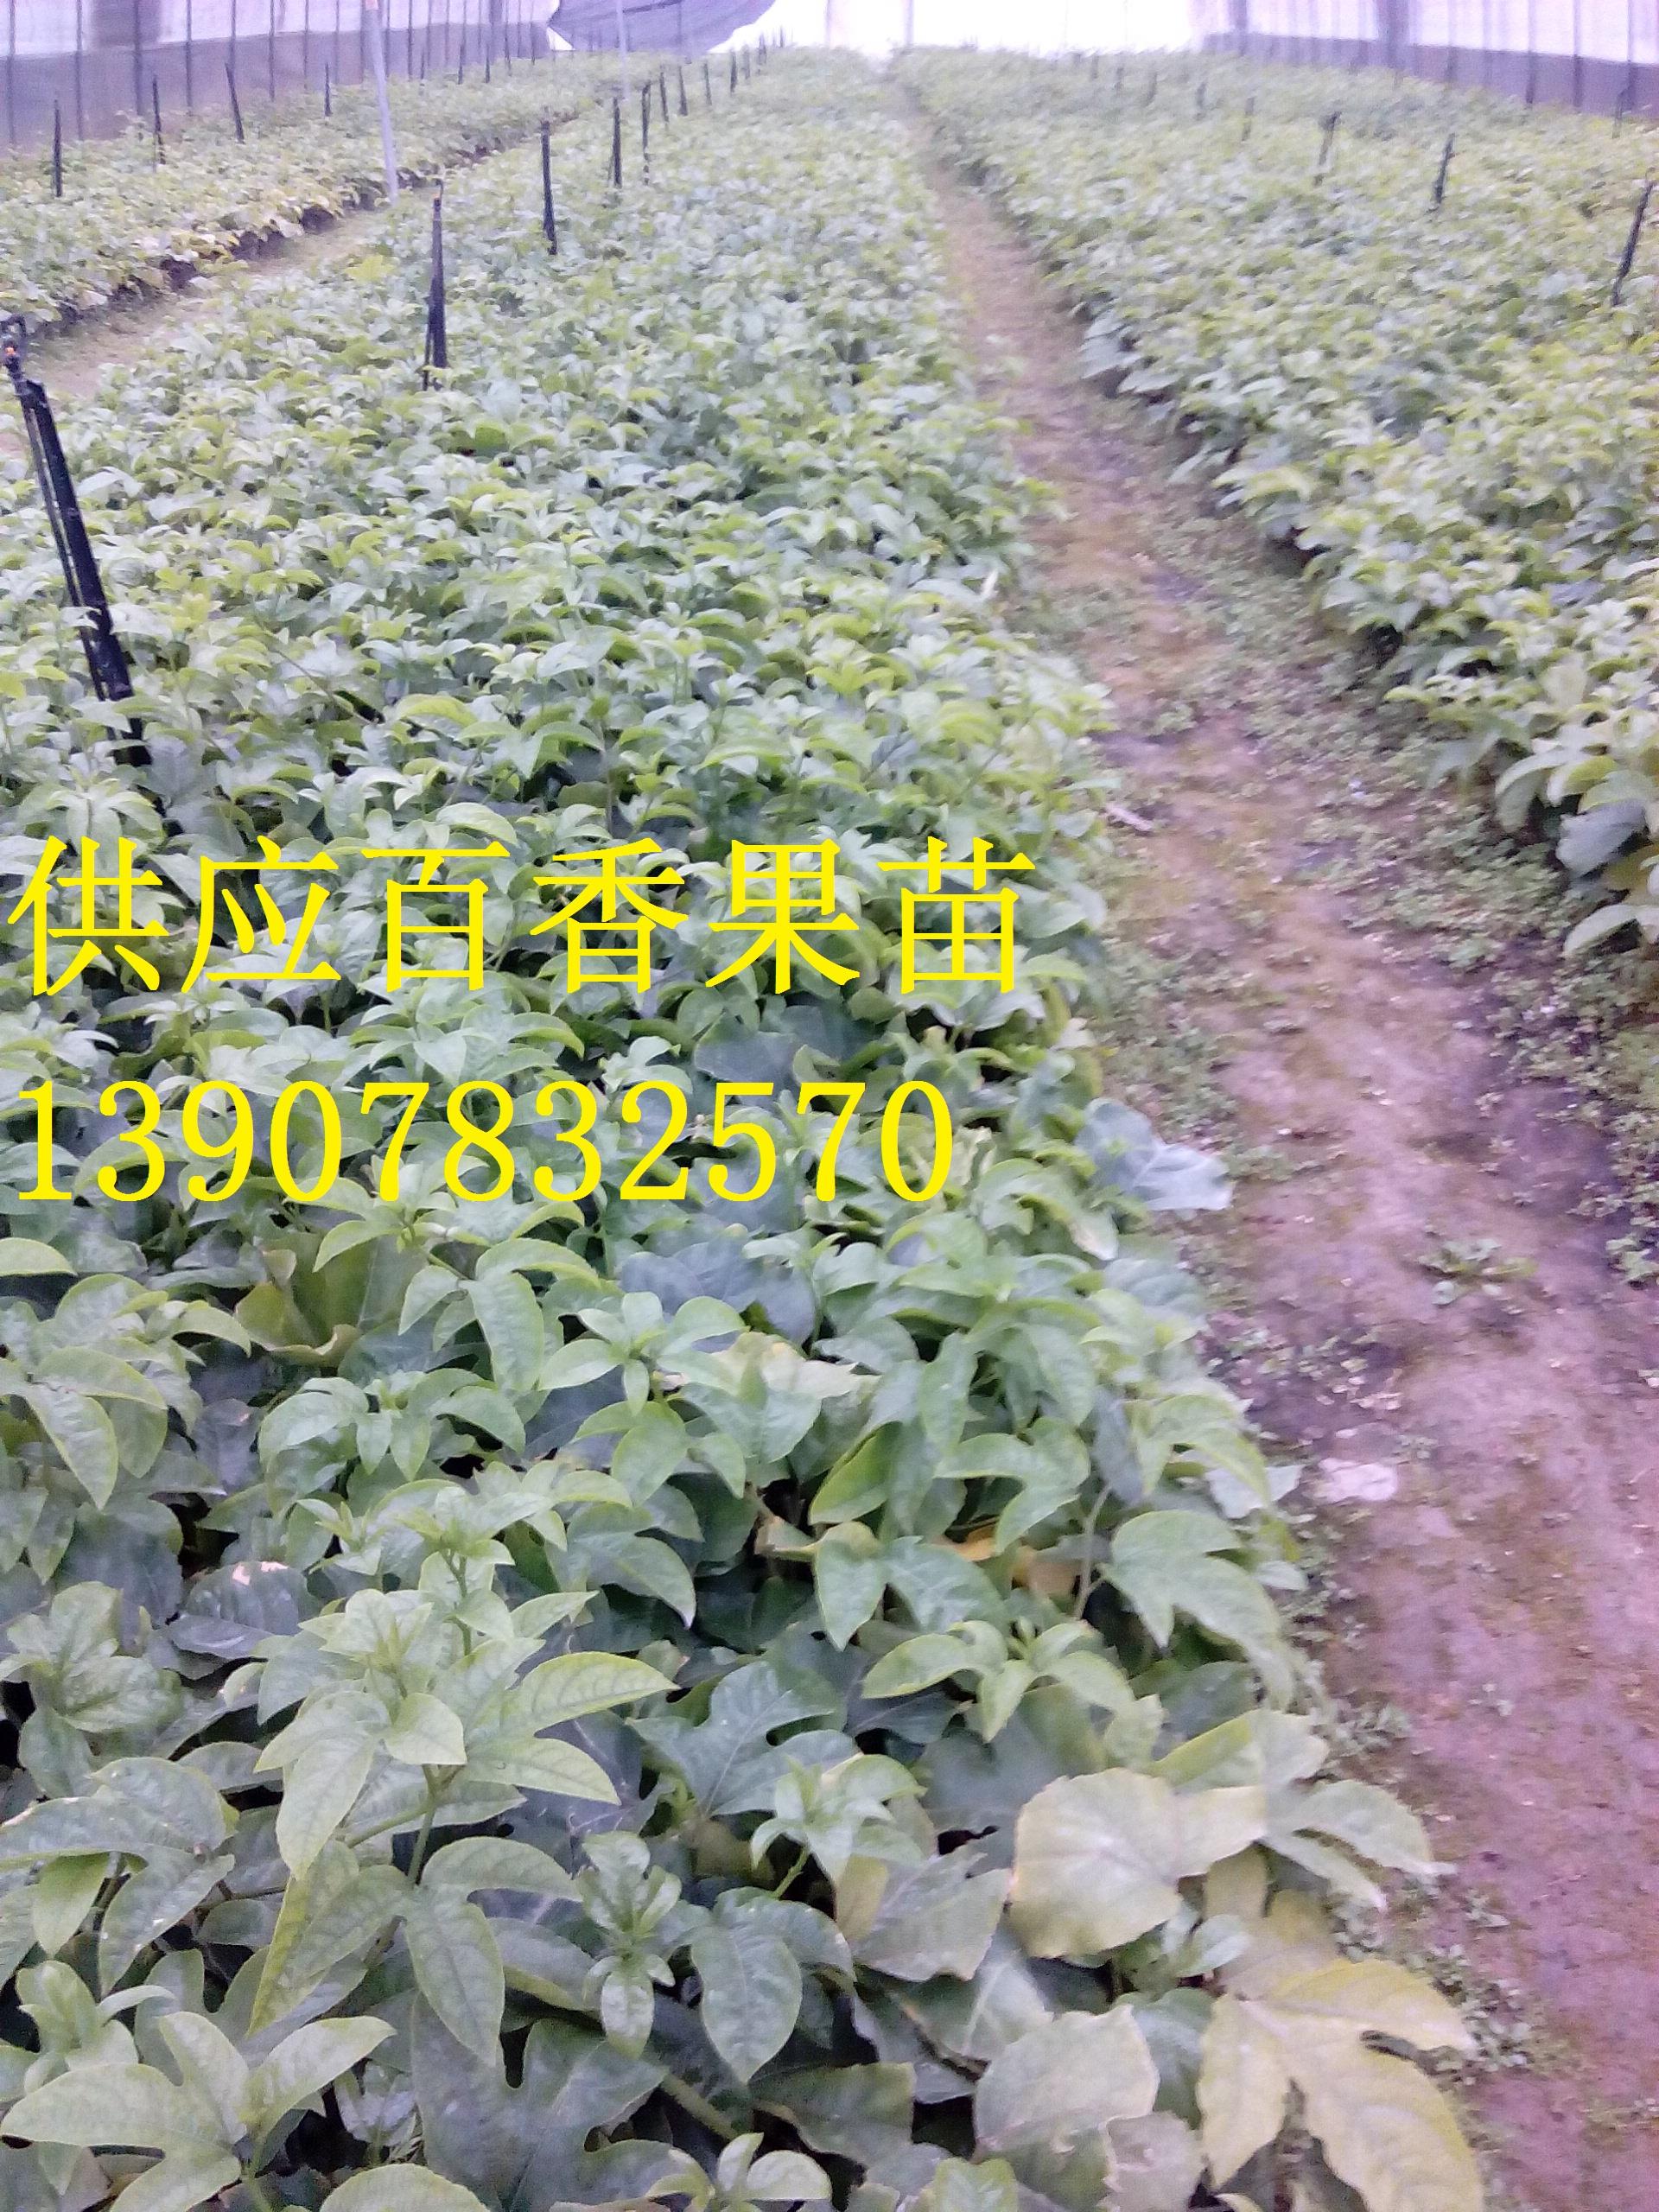 供应用于种植的广西百香果小苗,广西百香果小苗种植园,百香果小苗批发价